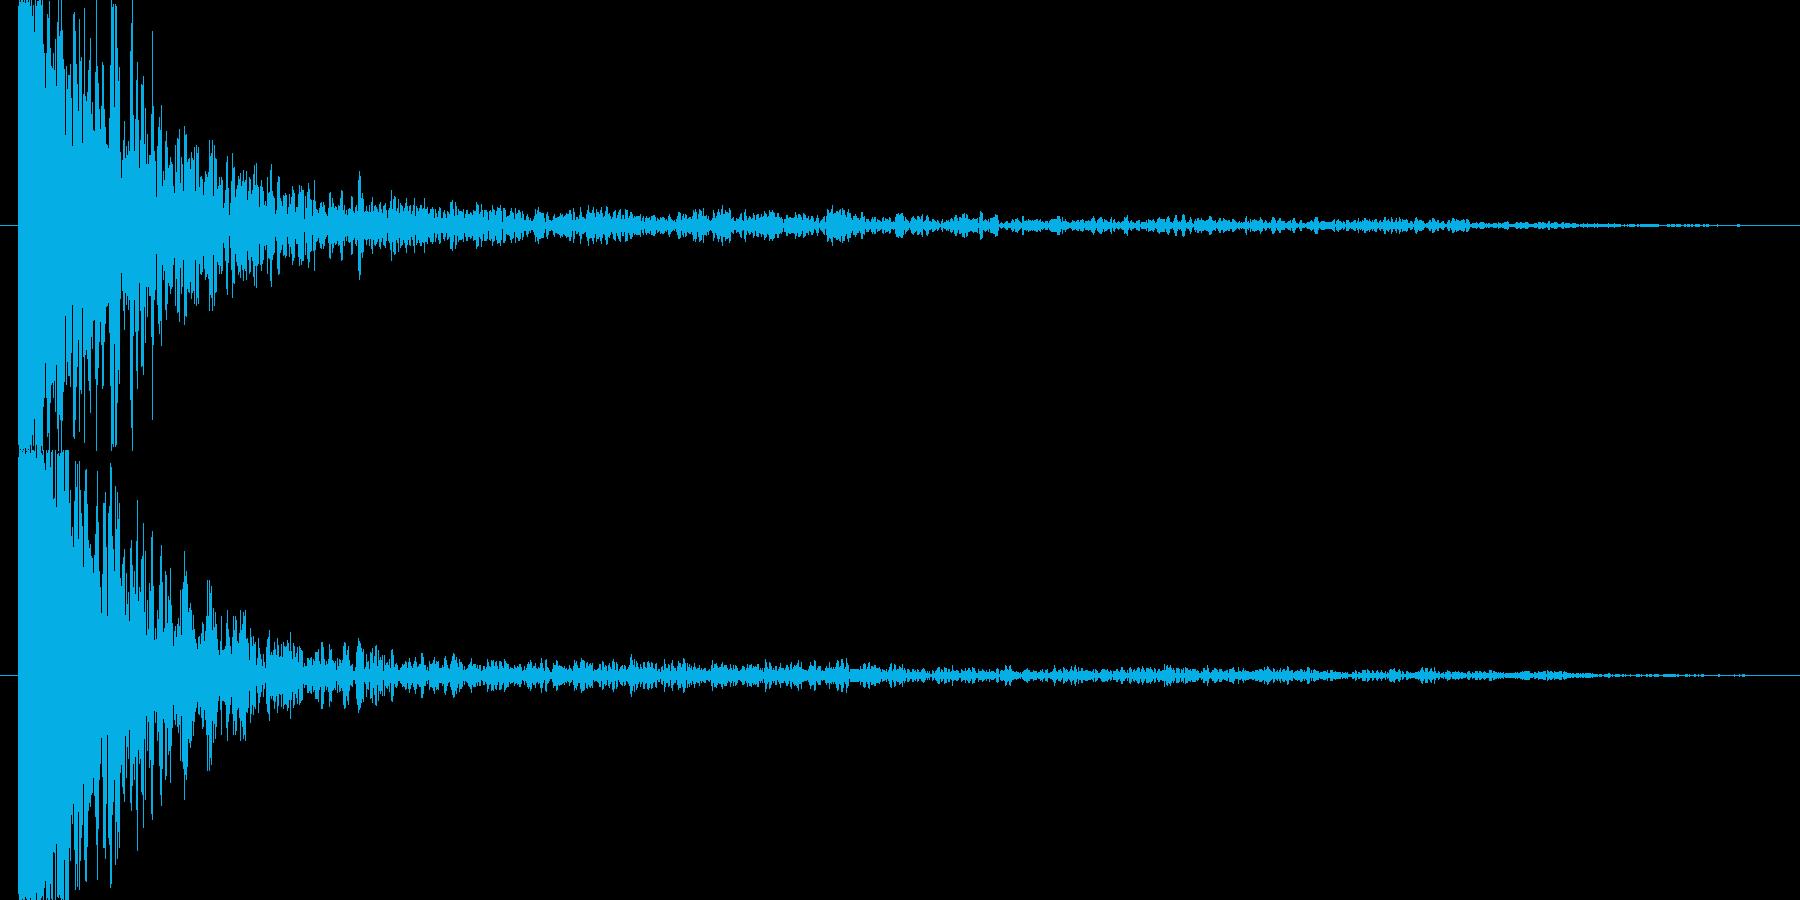 裂ける音の再生済みの波形